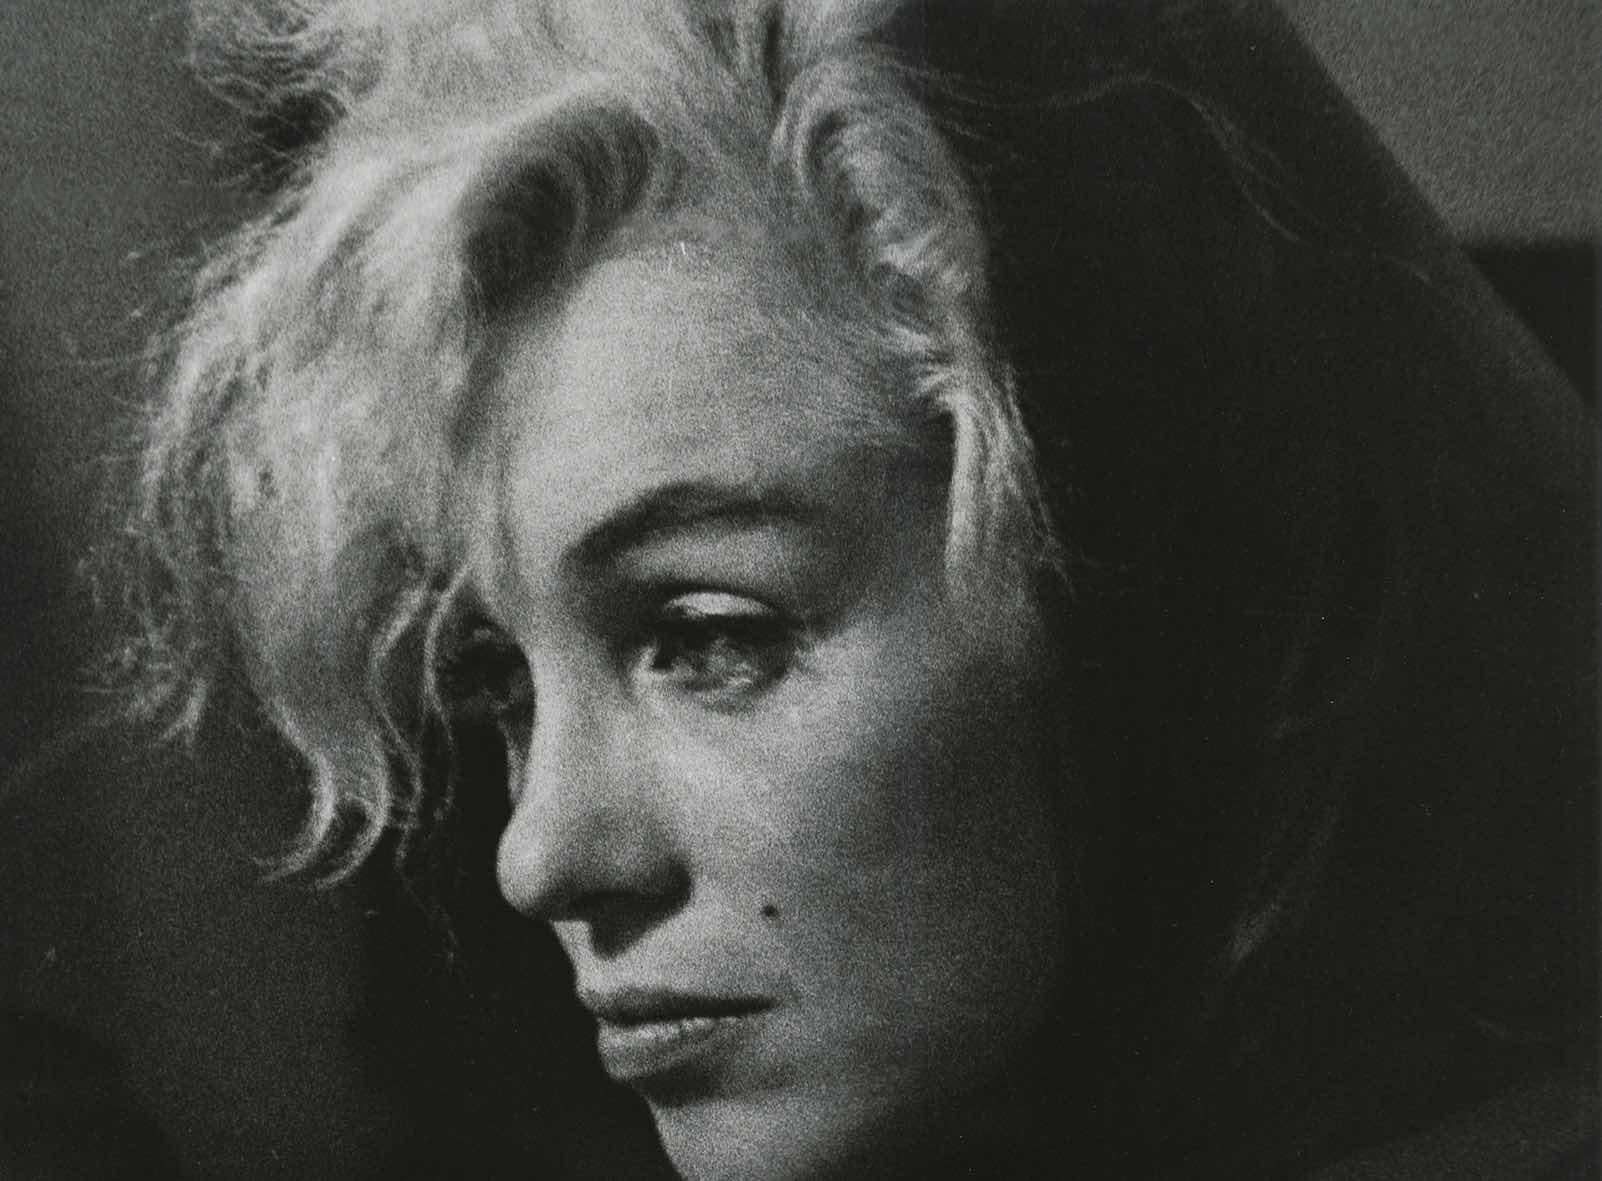 Първата изложба у нас на един от най-влиятелните фотографи в съвременната история - Арнолд Нюман